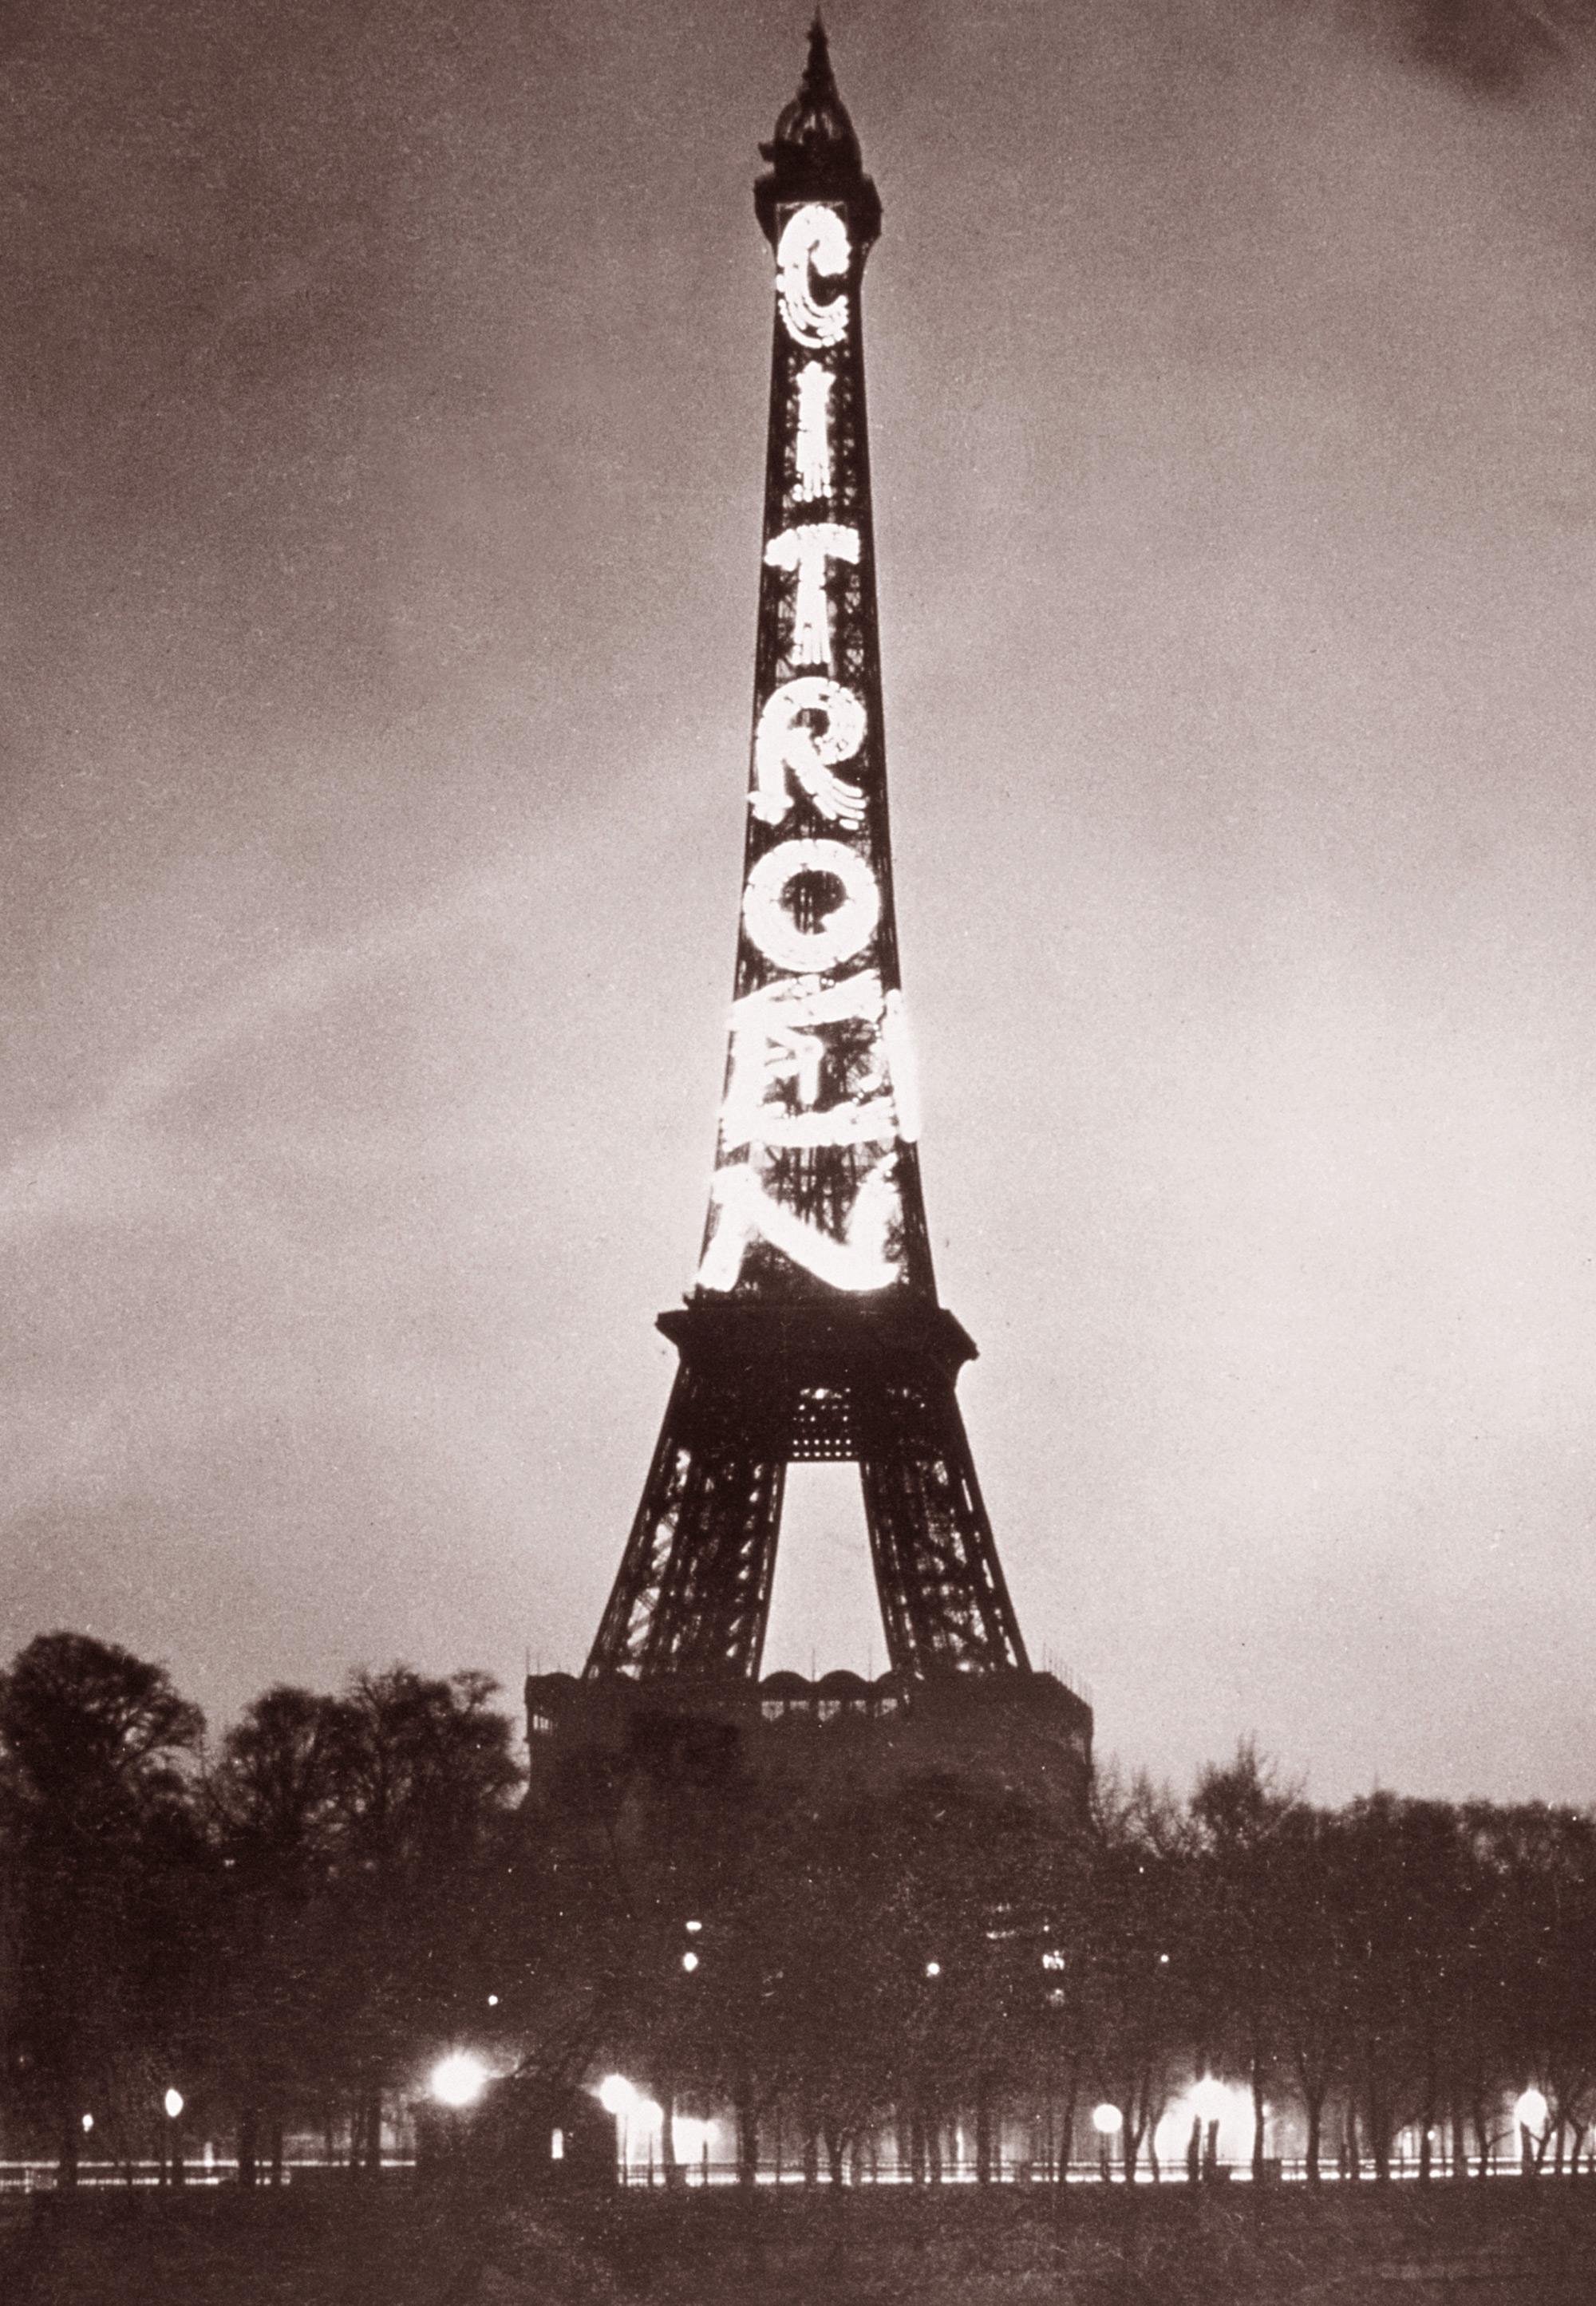 Menara Eiffel sebagai papan iklan untuk Citroën sejak 1925 hingga 1934.